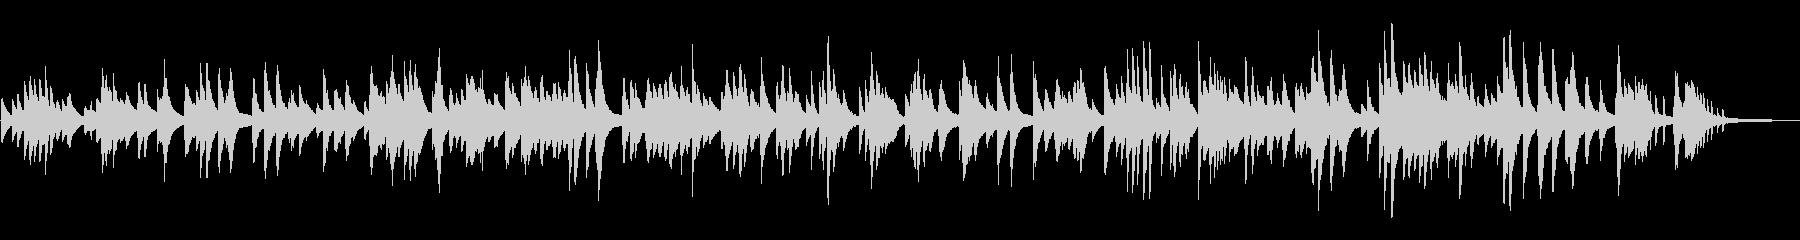 ゆったりムーディーなジャズ風ピアノソロの未再生の波形